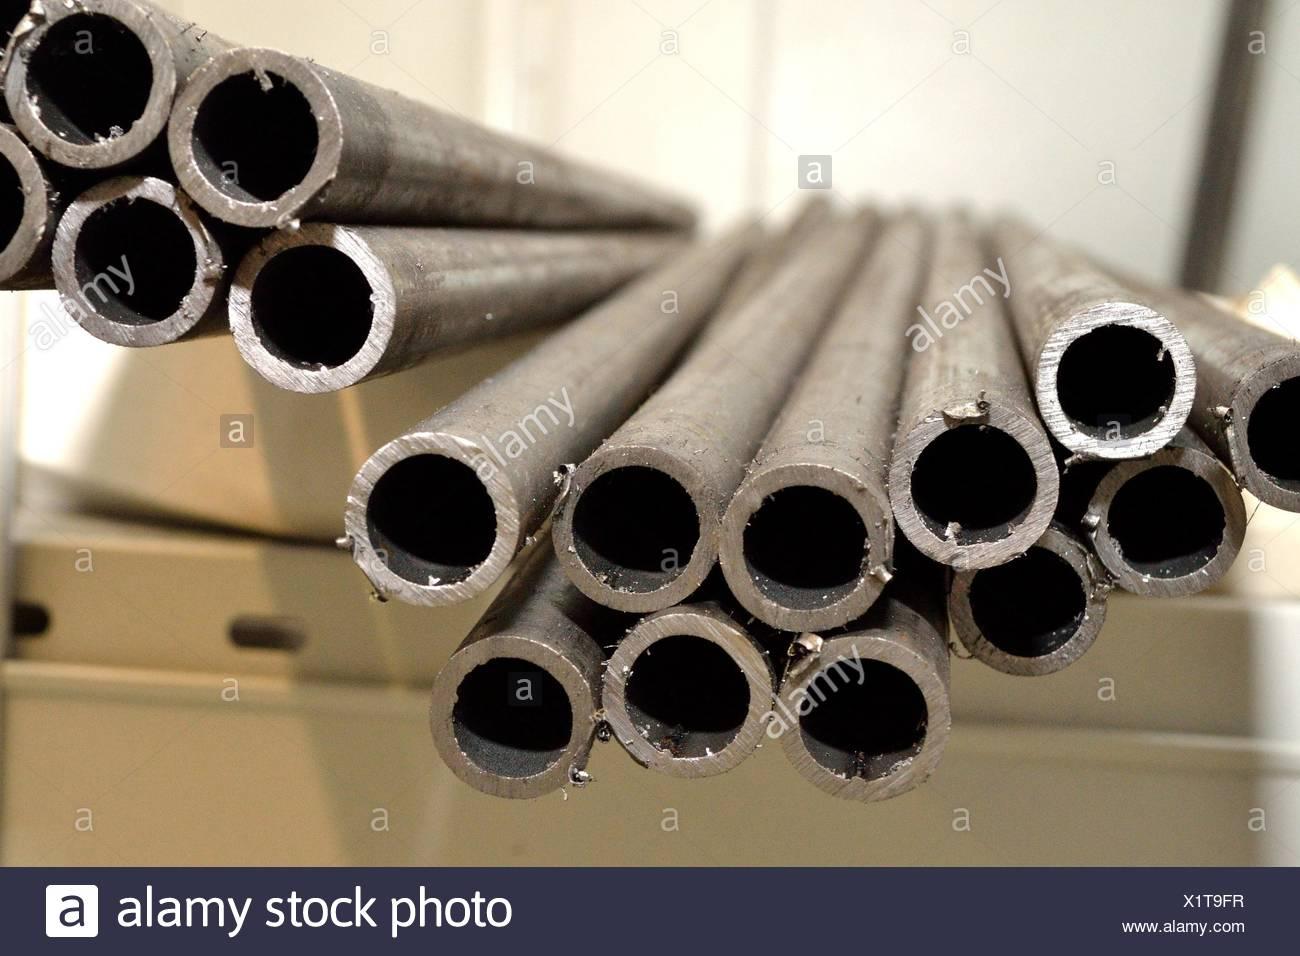 industry, opening, tube, metal industry, diameter, industry, metal, circle, Stock Photo